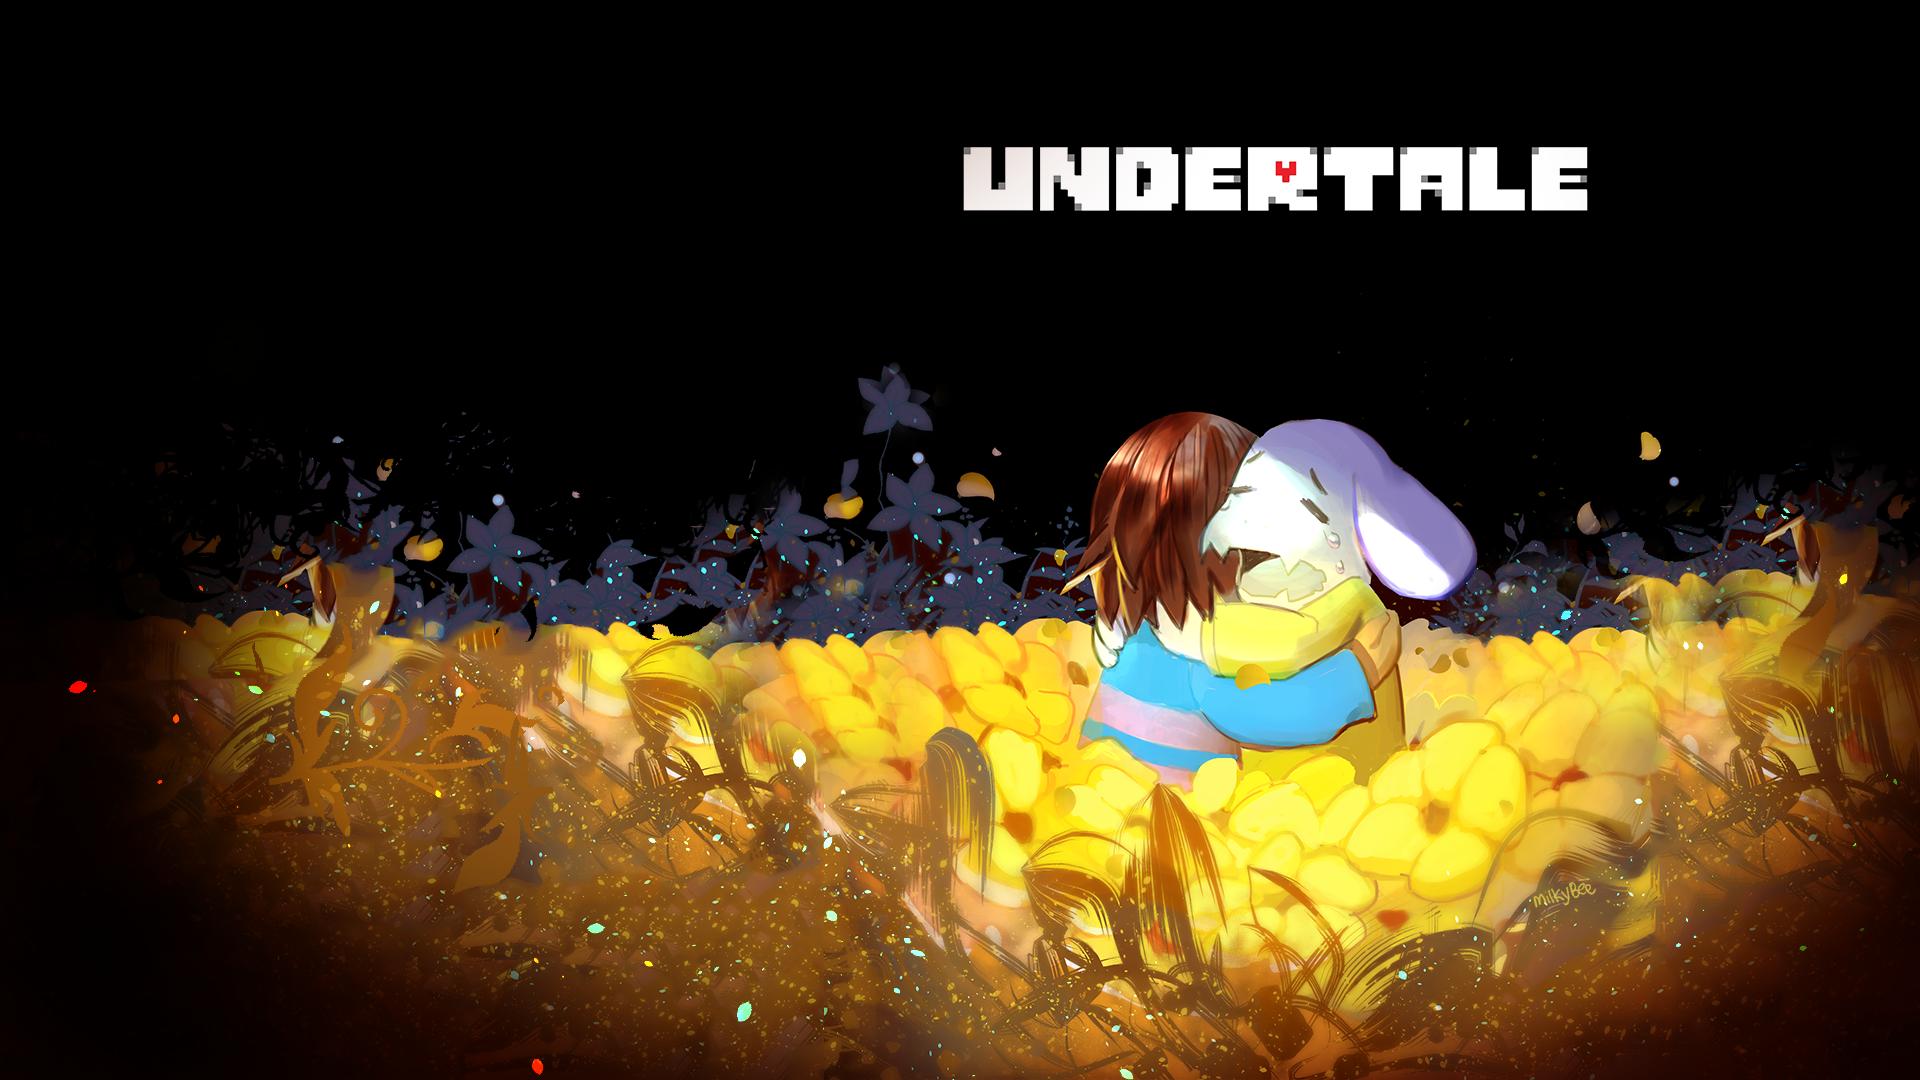 Video Game Undertale Asriel Undertale Frisk Undertale Wallpaper